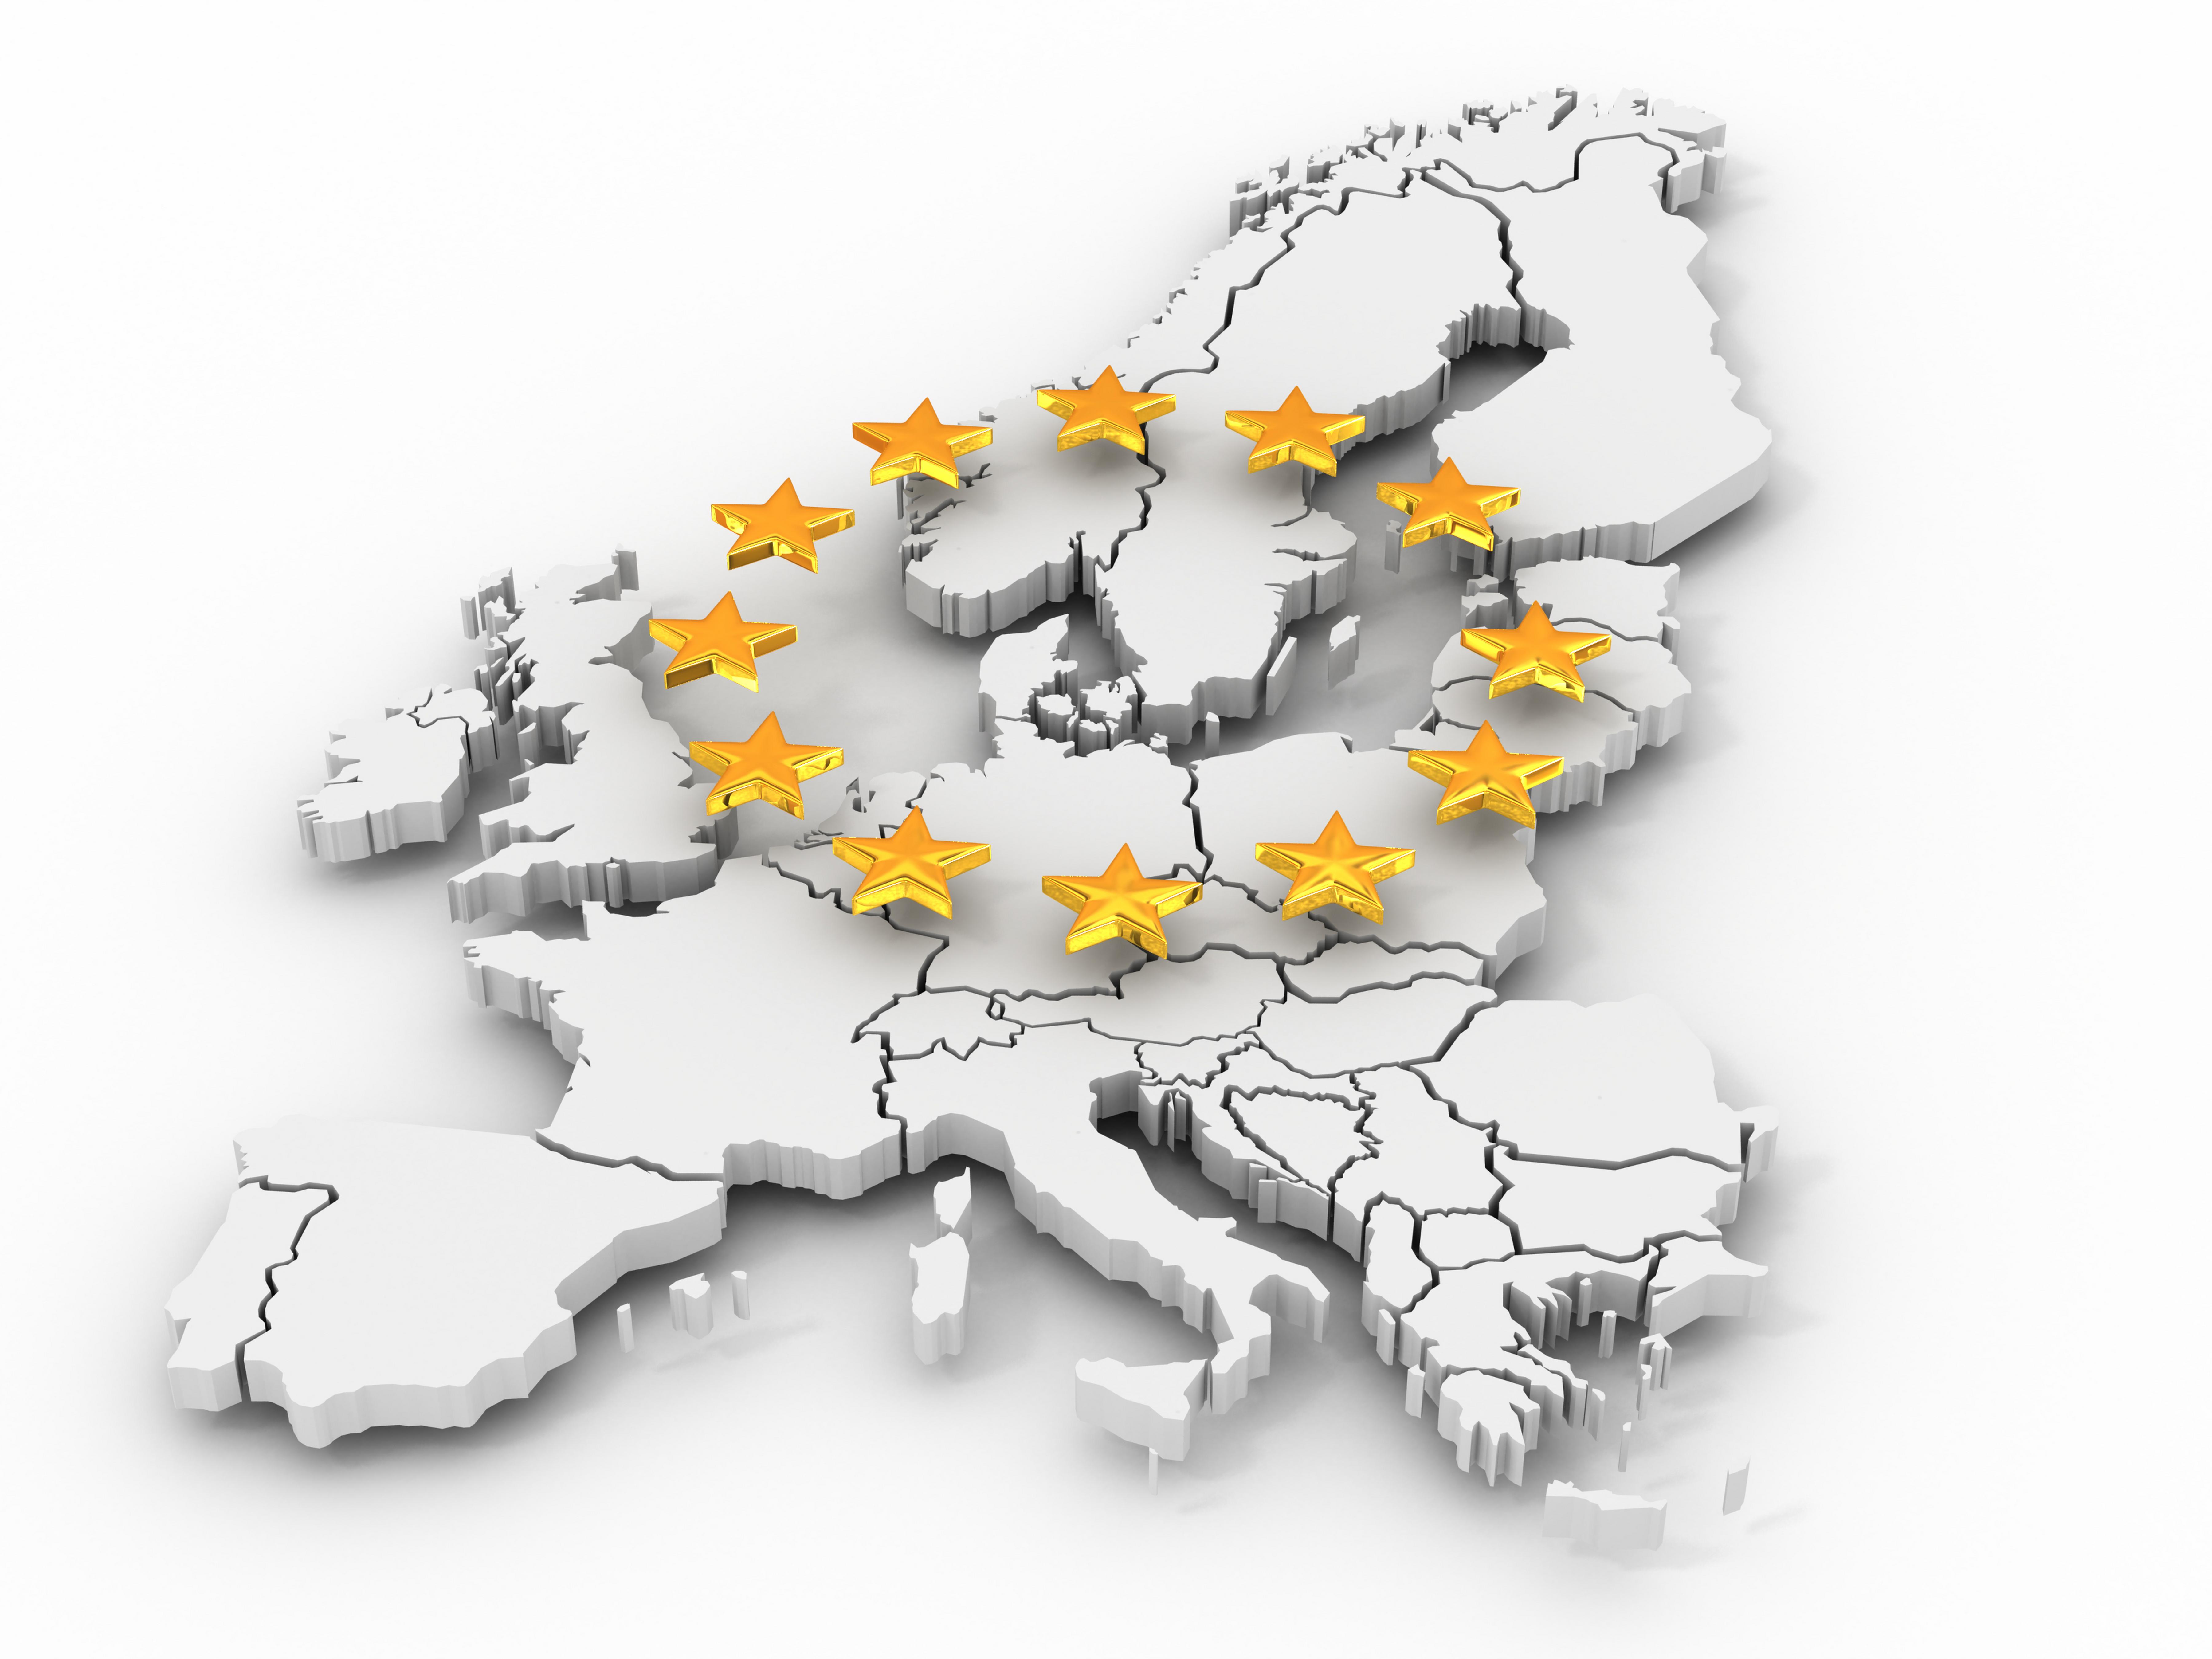 Pracowania Odnawialnych Źródeł Energii realizuje projekt dofinansowany z Funduszy Europejskich